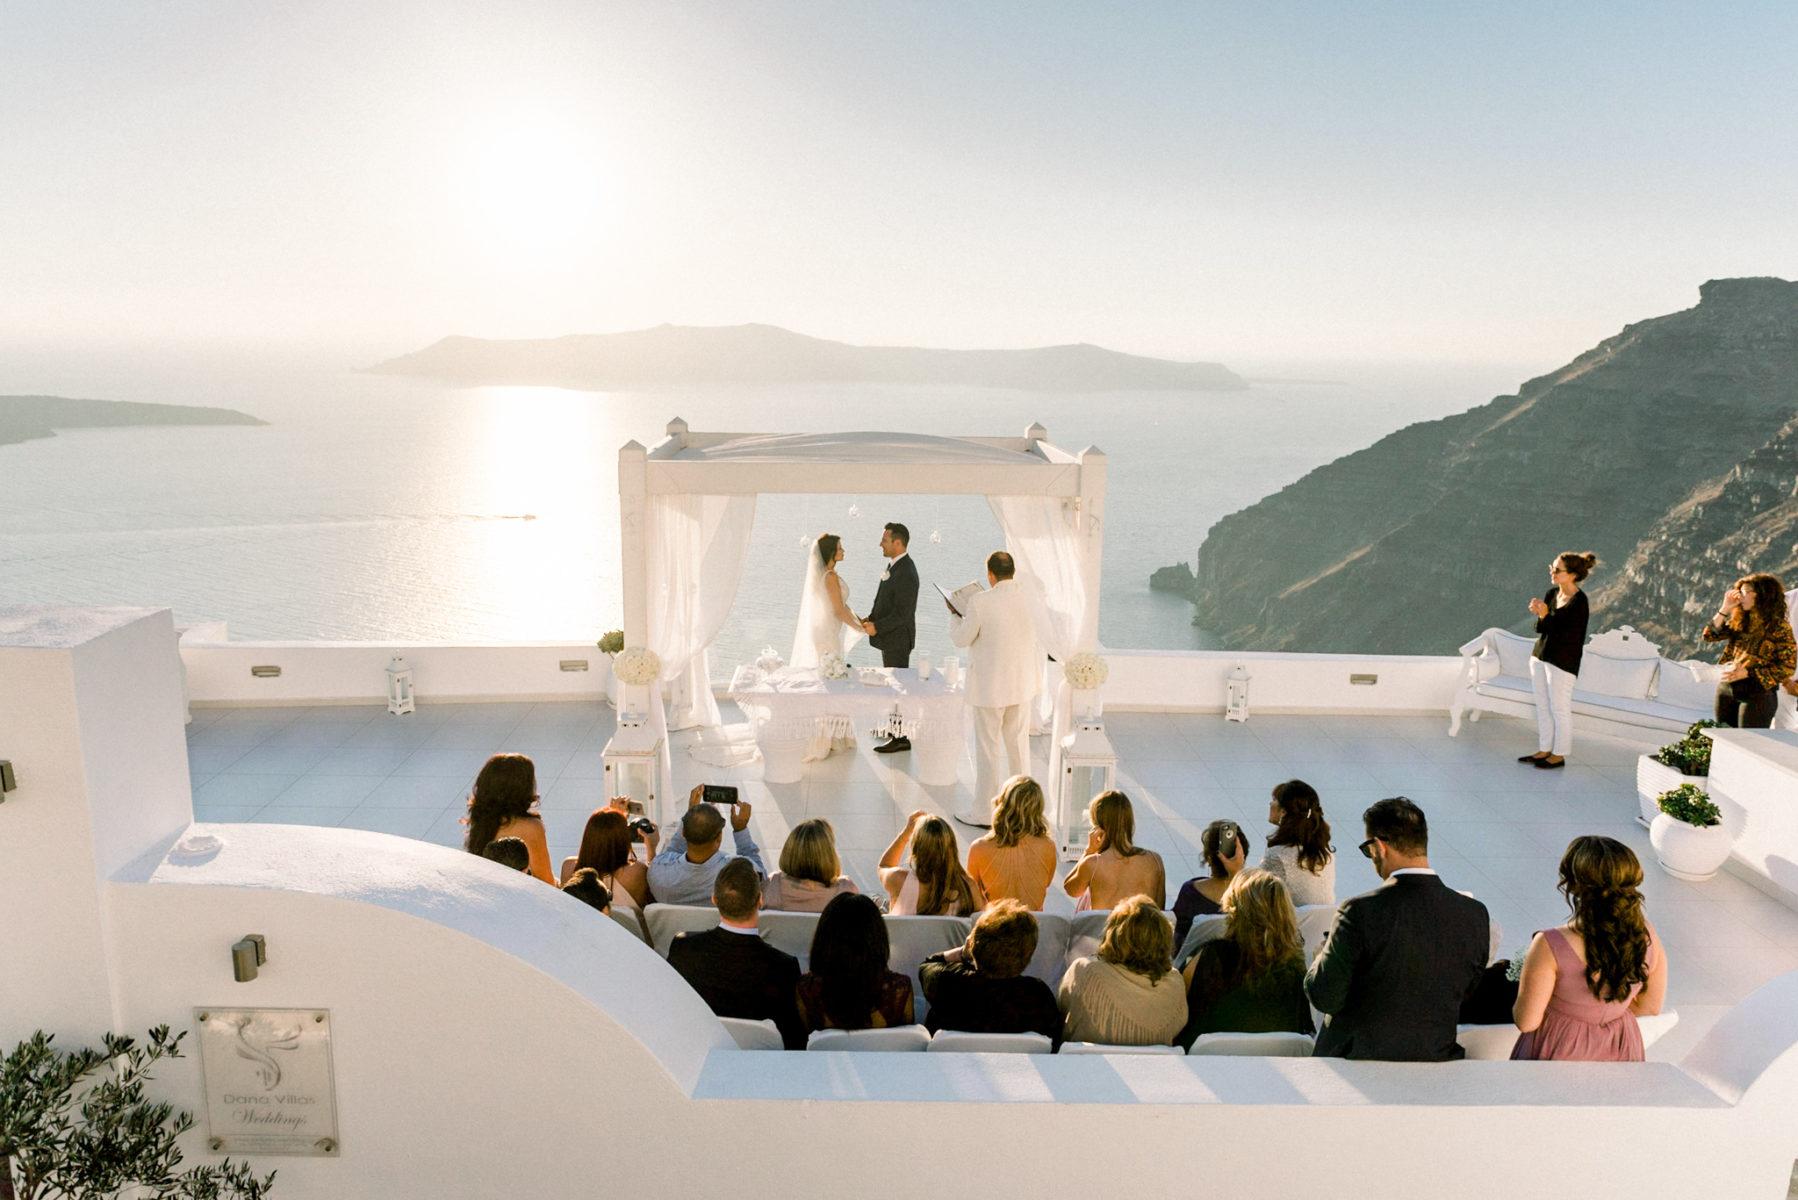 SANTORINI WEDDING CEREMONY